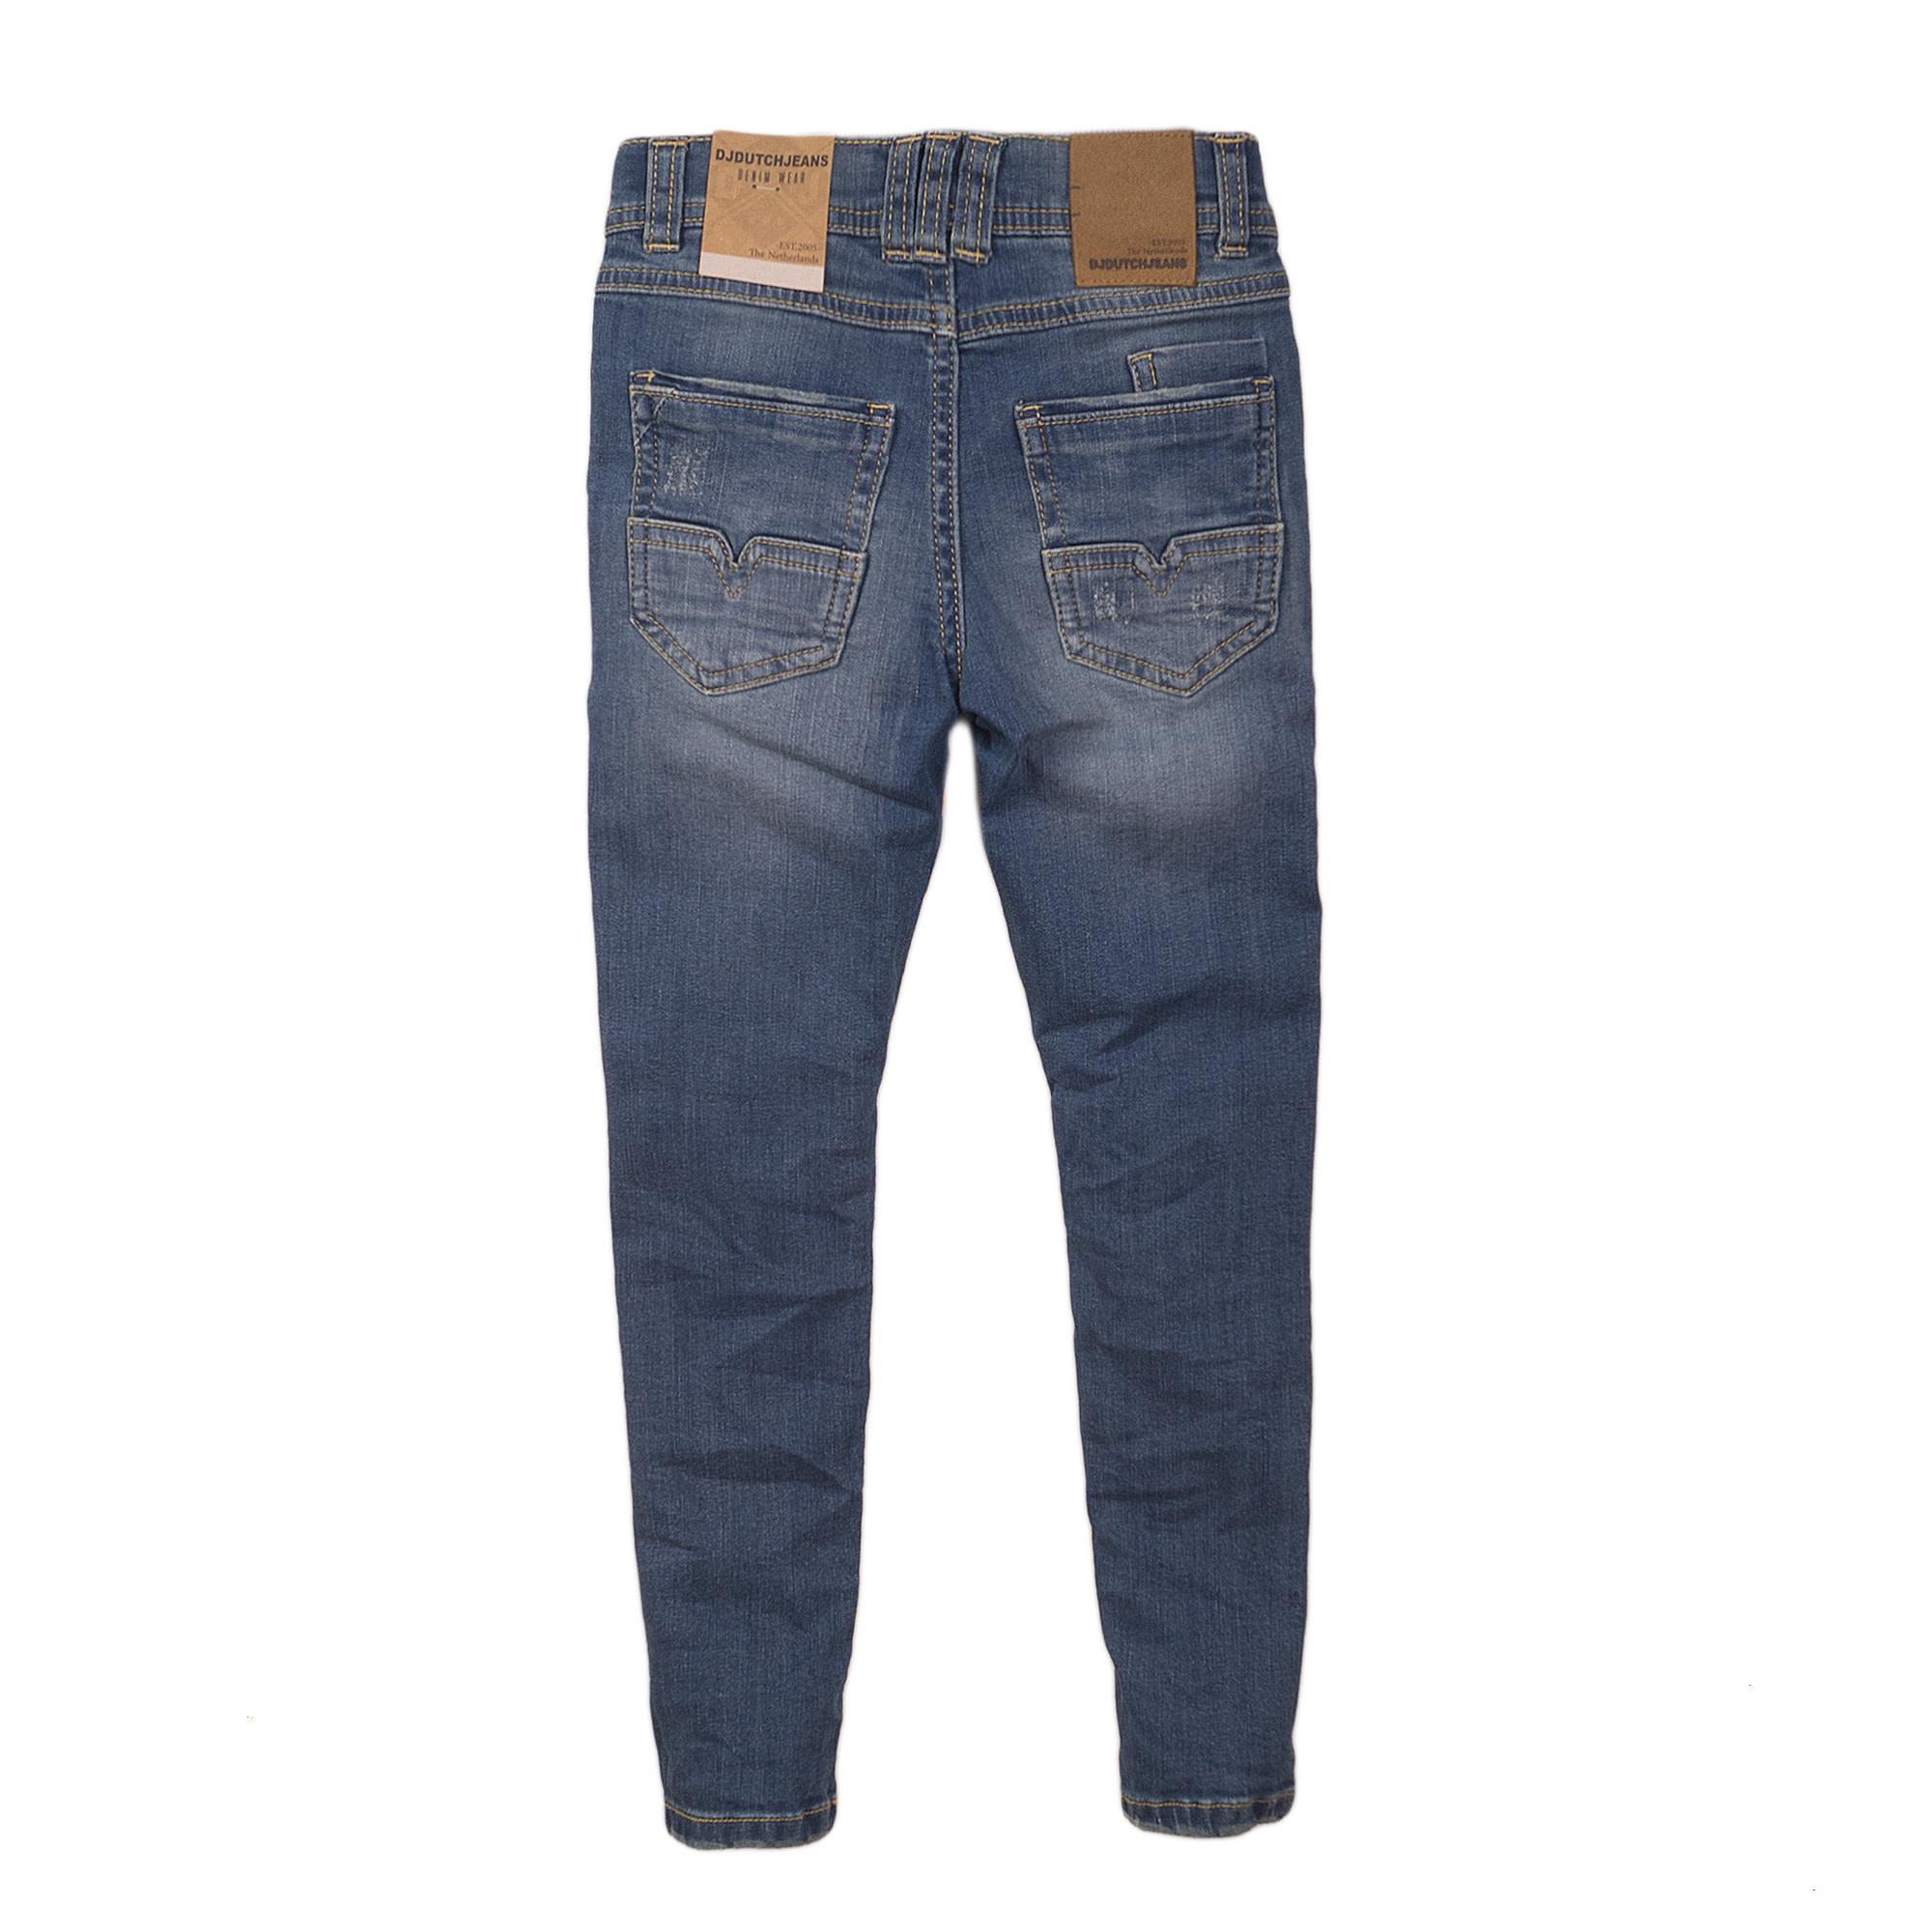 Medium Wash Jeans